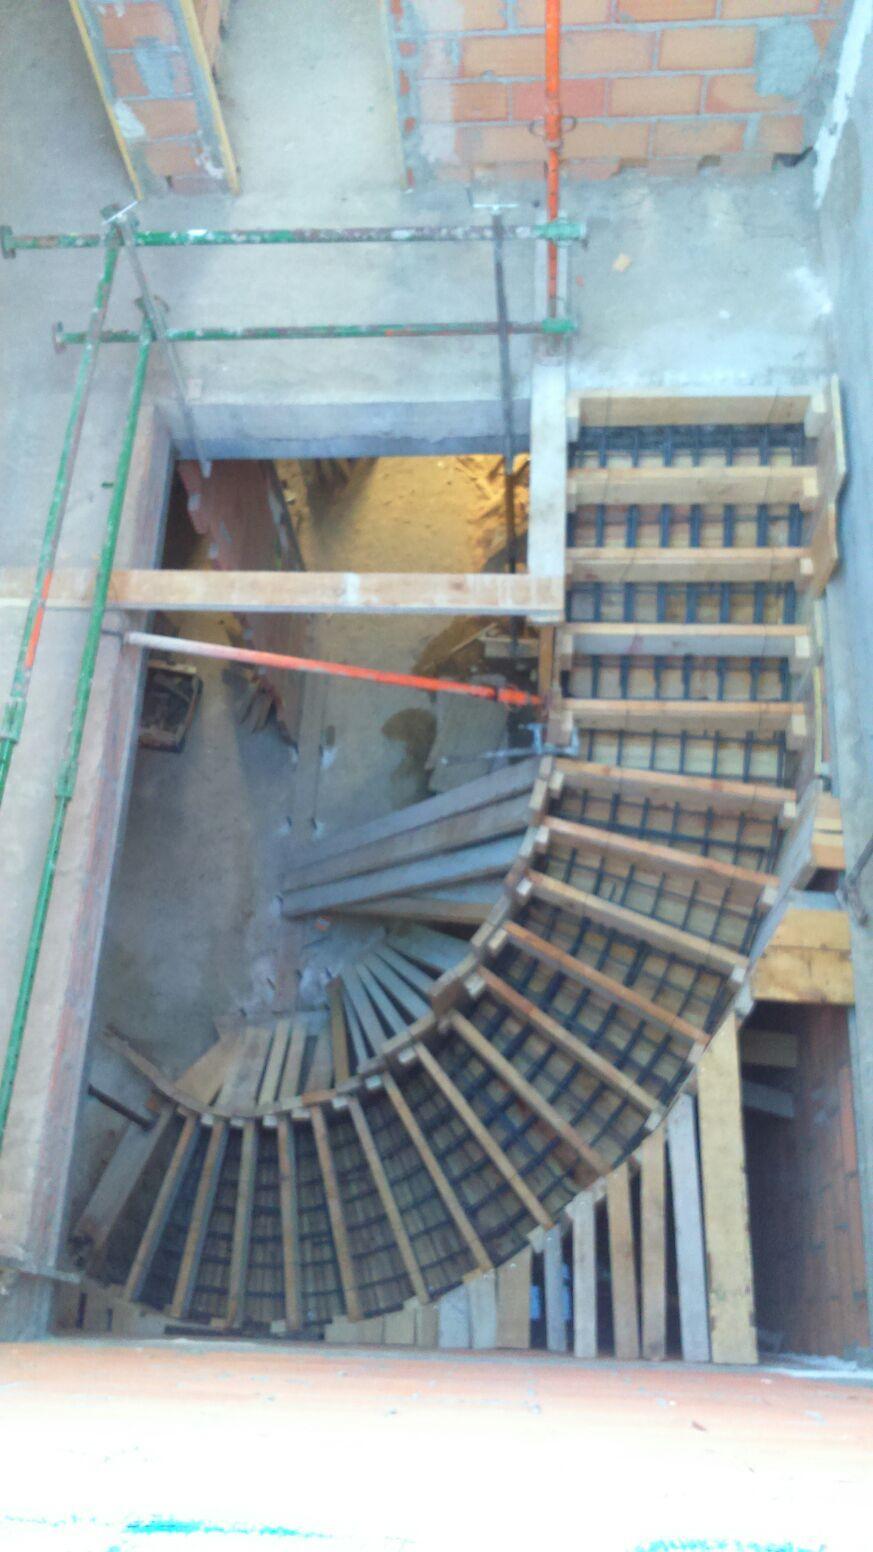 Encofrado escalera curva vivienda con escalera curva for Construccion de escaleras de concreto armado